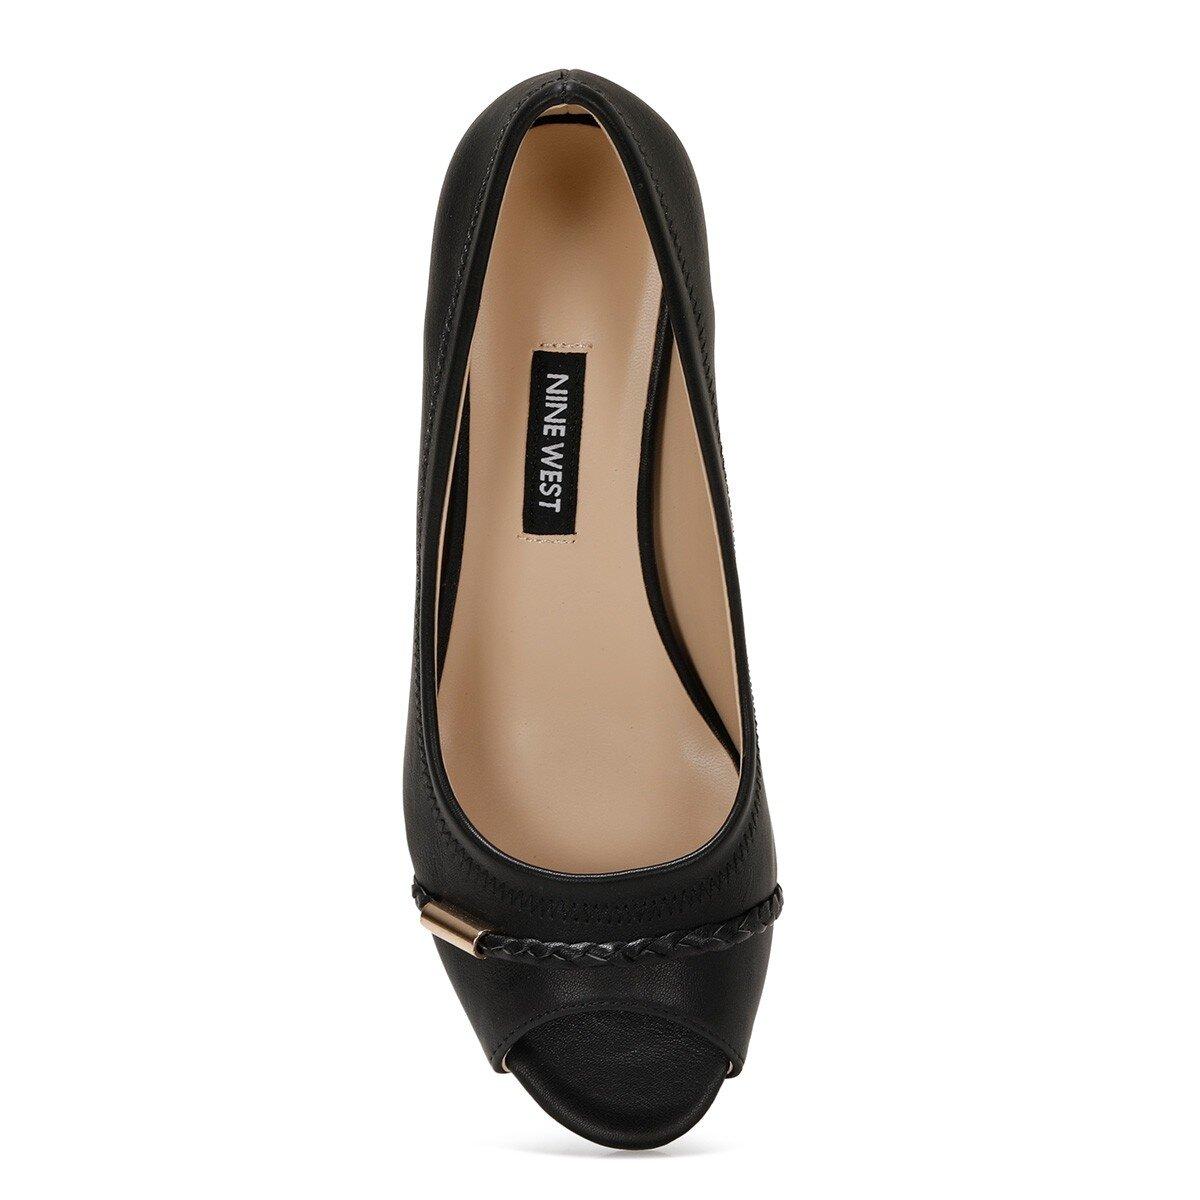 BIRENNA 1FX Siyah Kadın Dolgu Topuk Ayakkabı